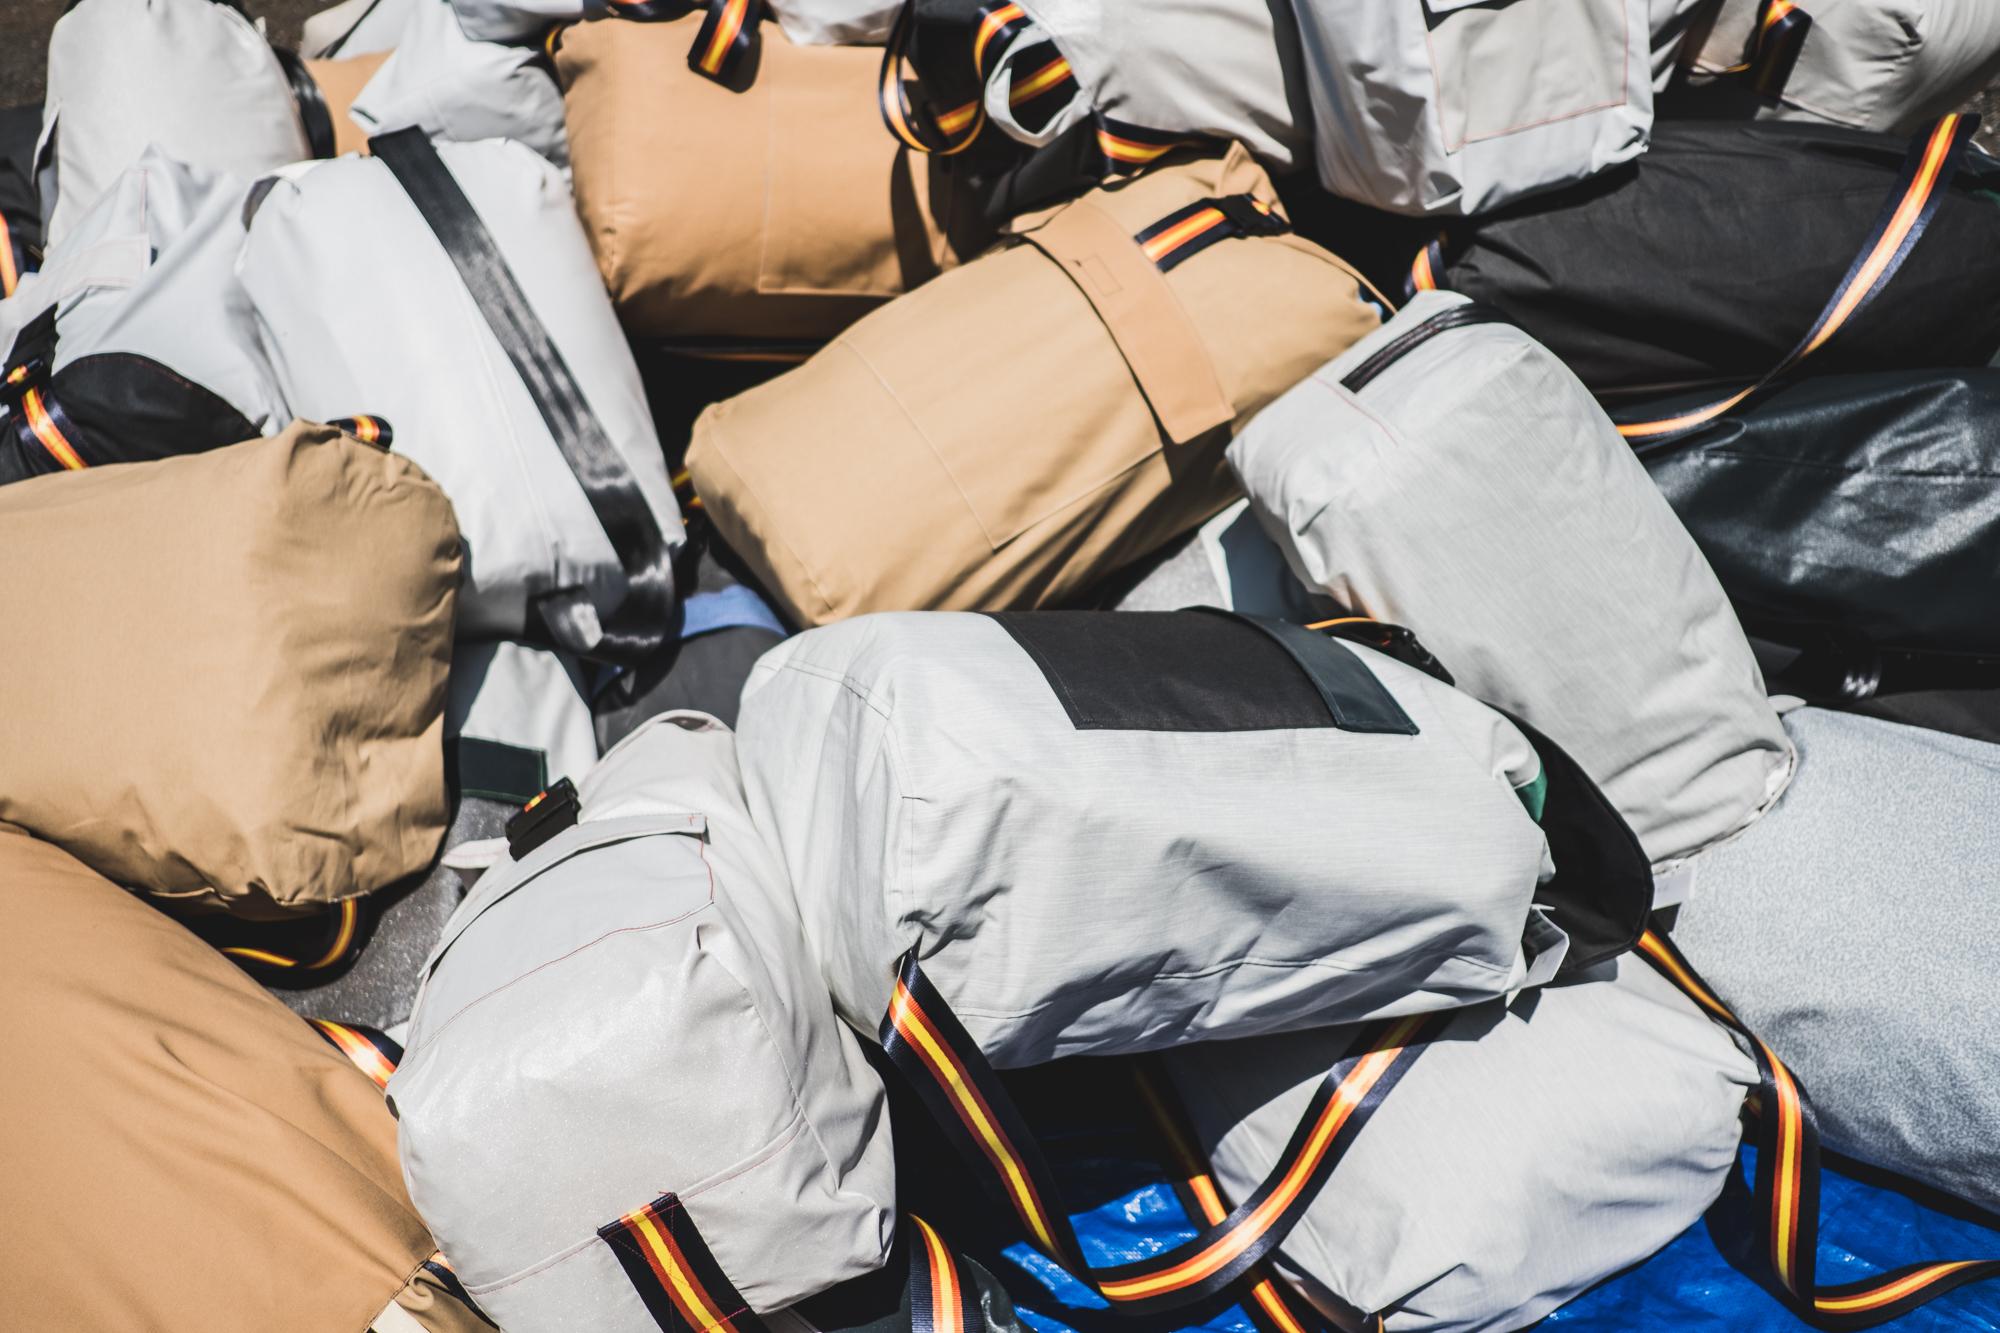 SHELTERSUIT SLEEP OUT VERPLAATST IN VERBAND MET CORONAVIRUS